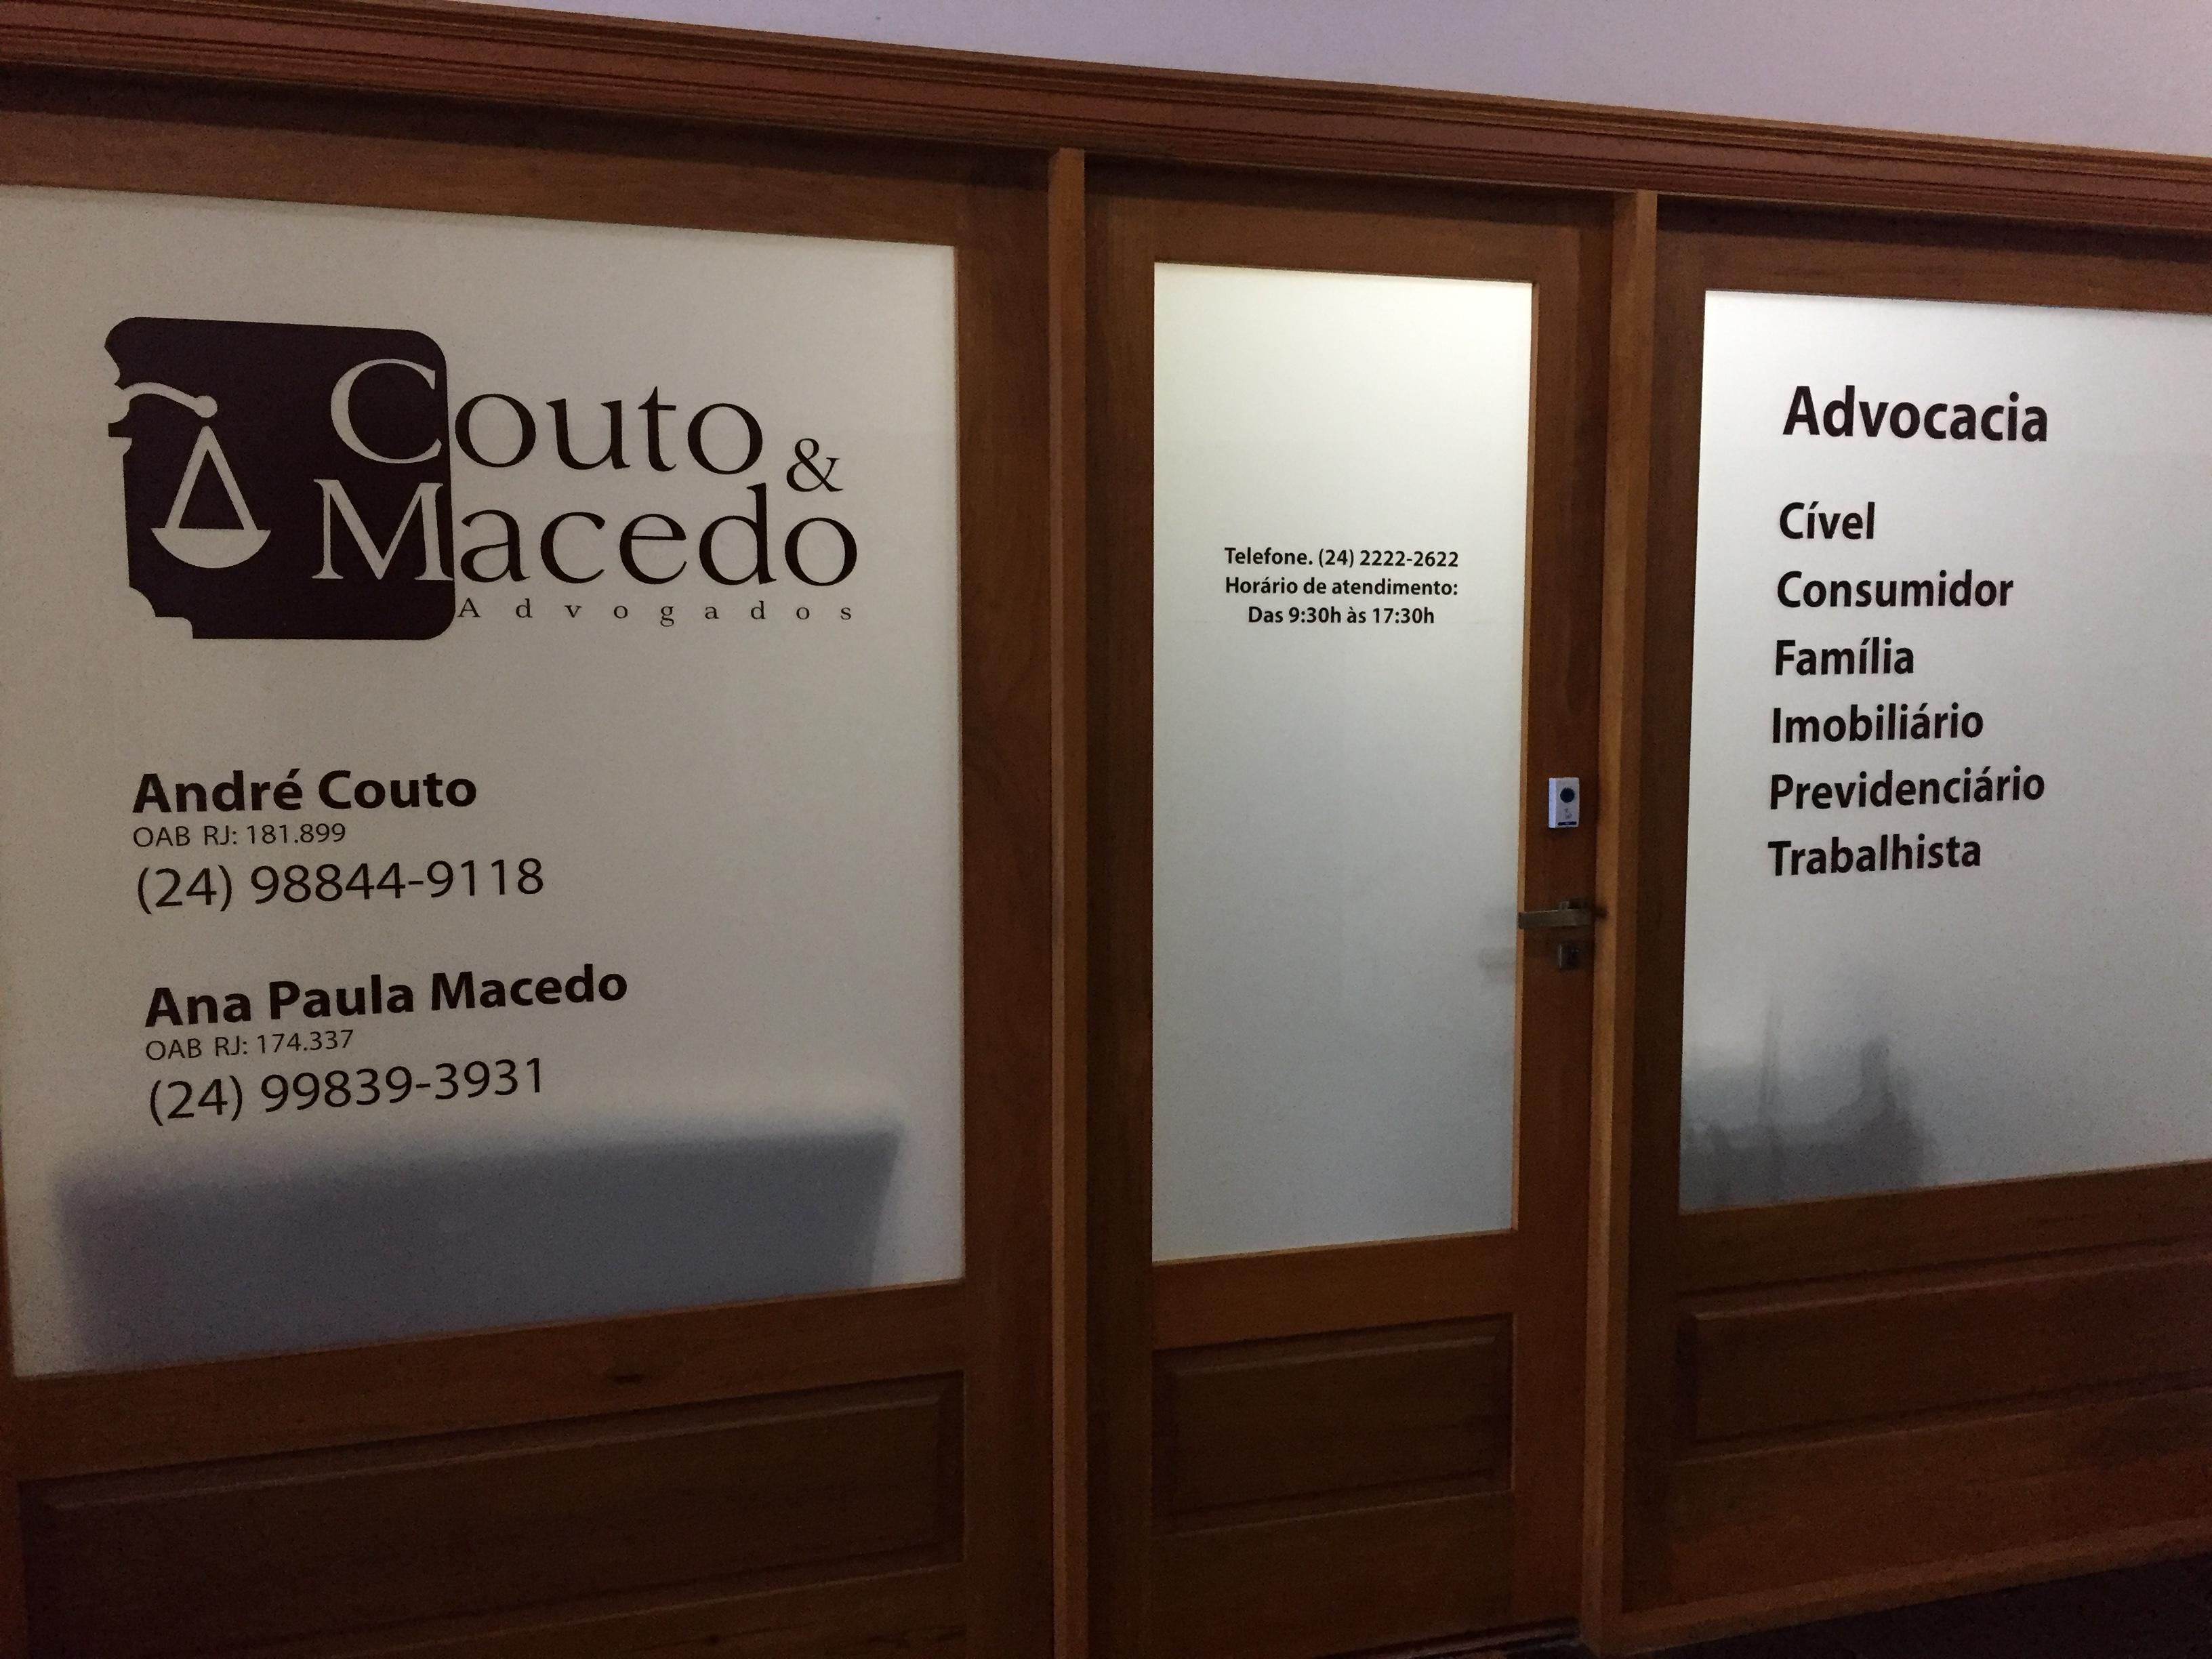 52120_André_Couto_Advogado